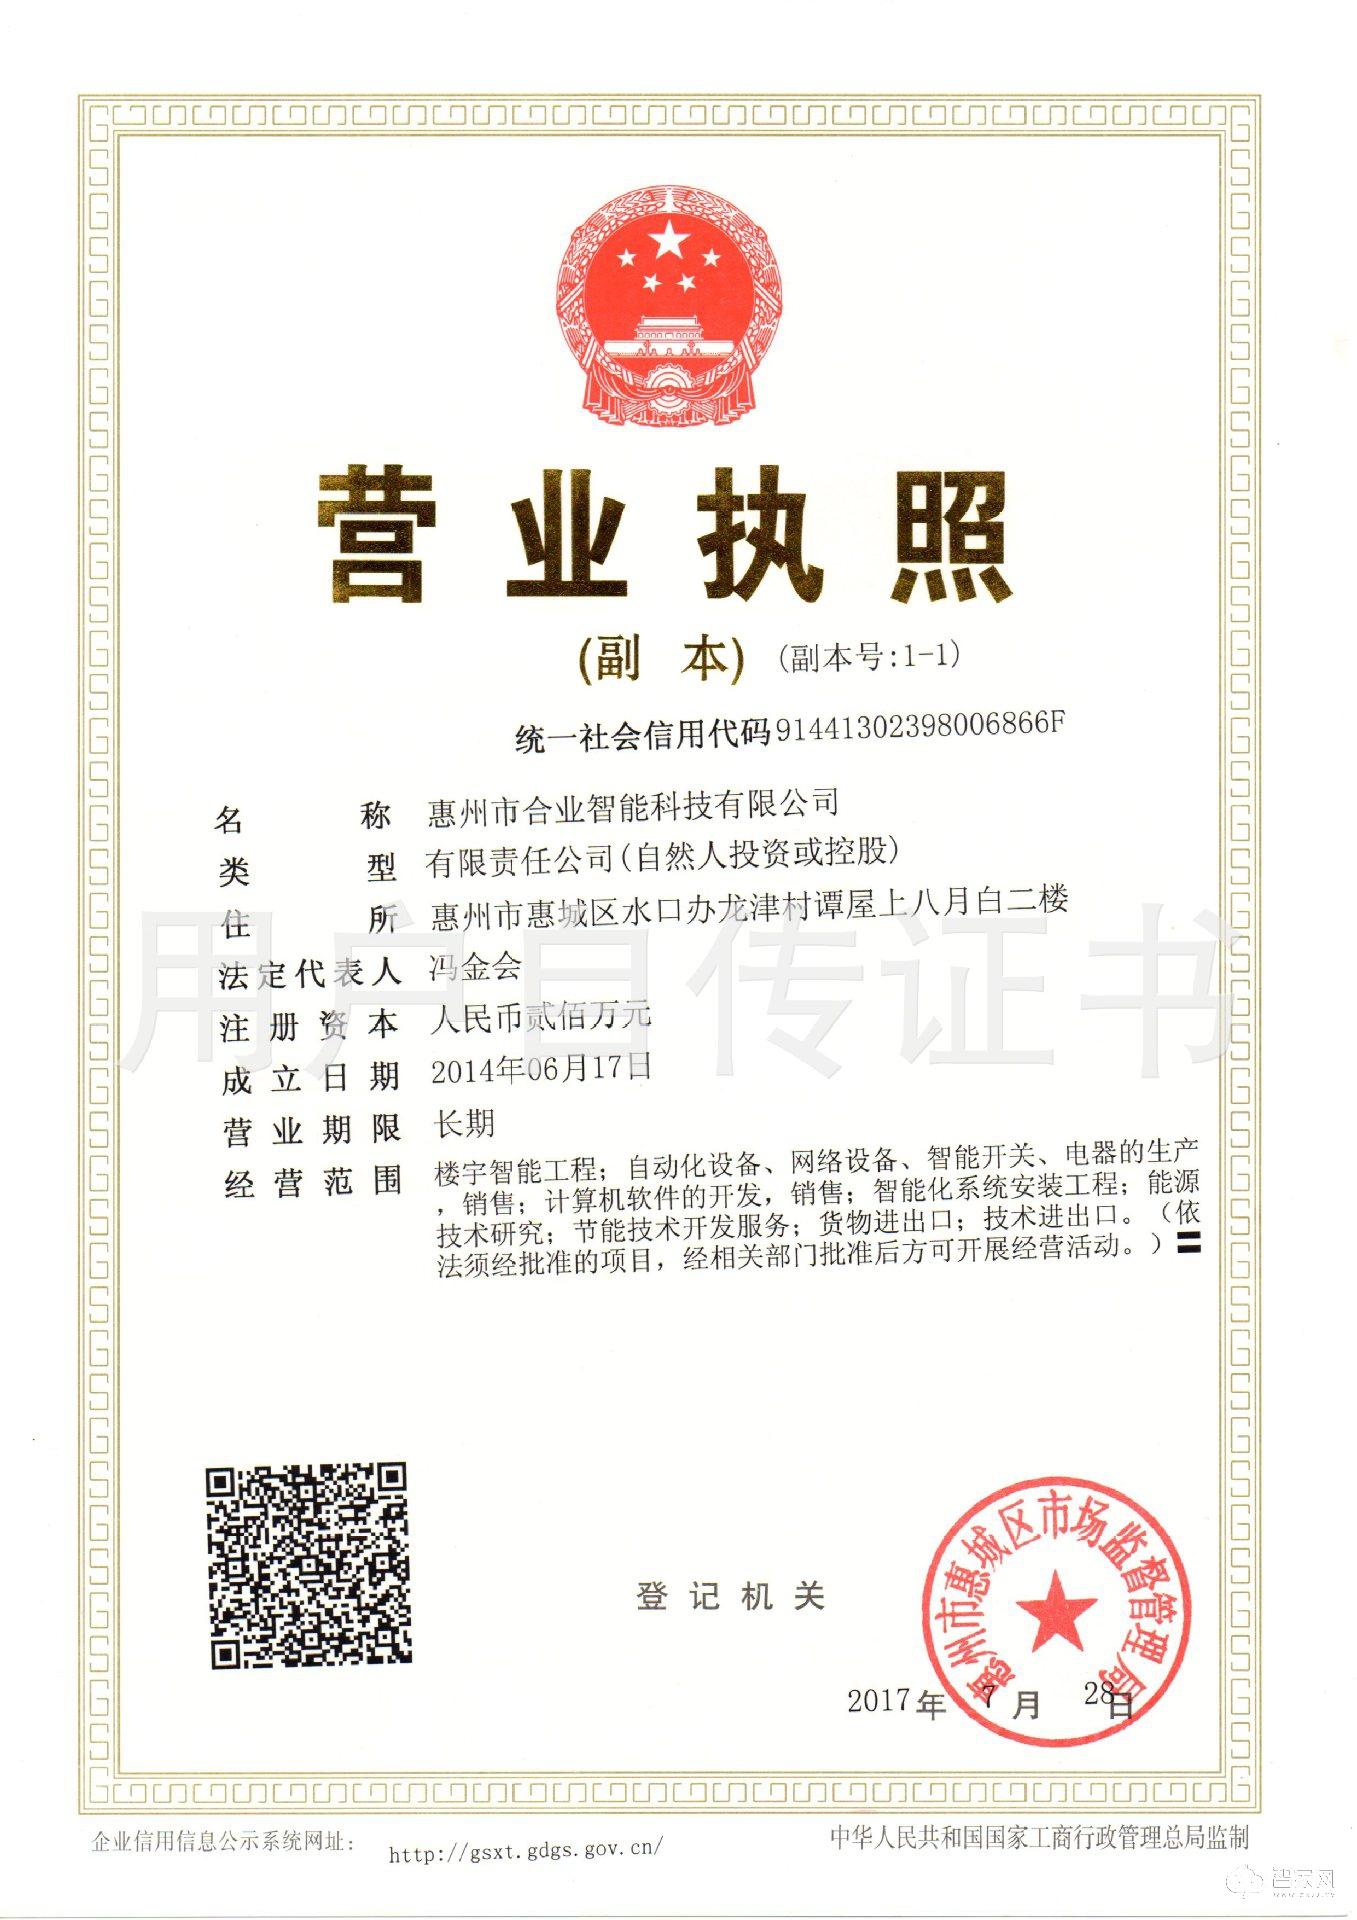 惠州市合业智能科技有限公司